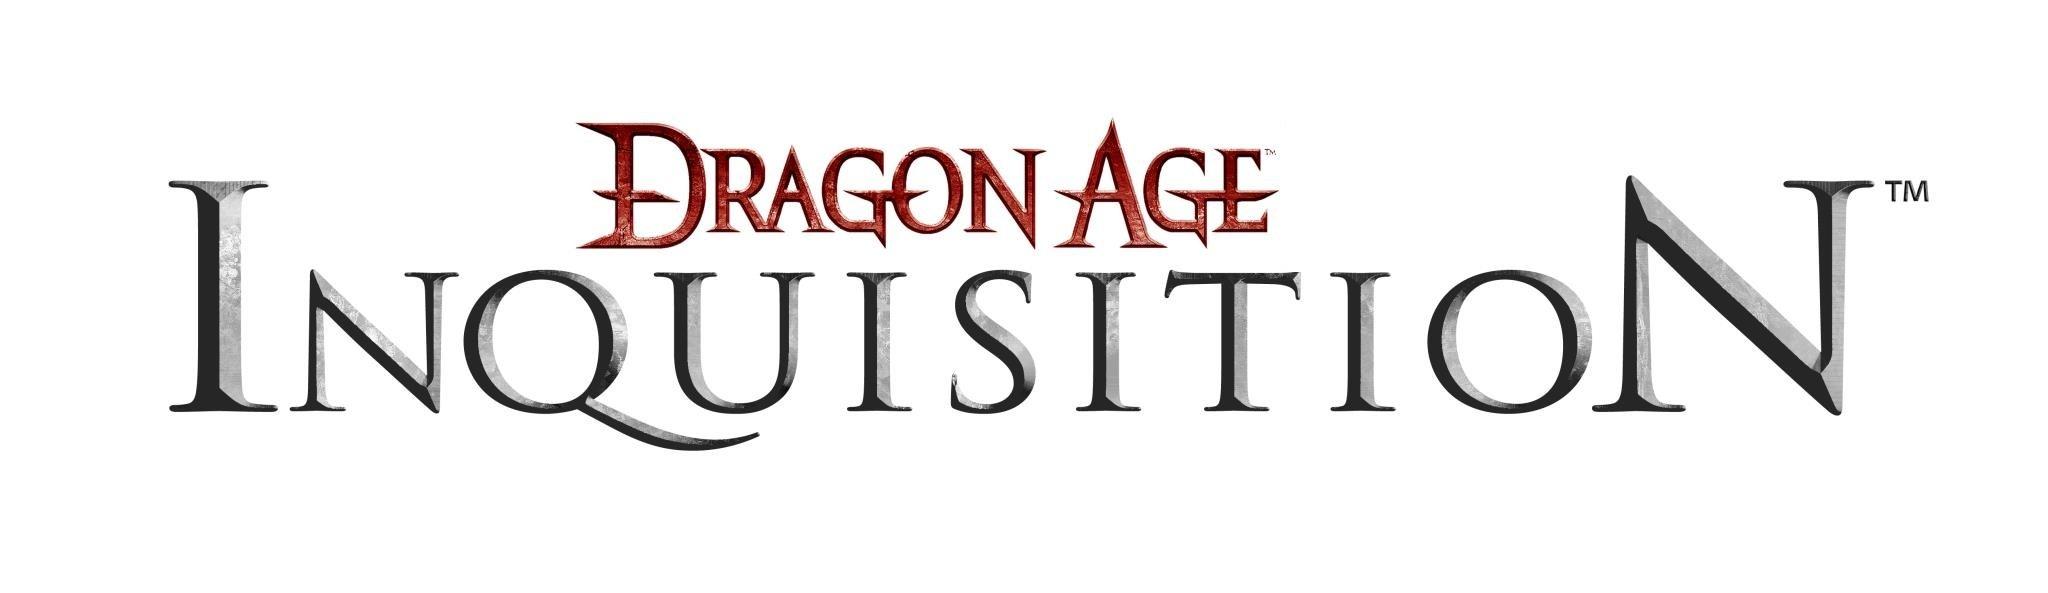 Dragon Age: Inquisition За какую расу и класс  будете играть? - Изображение 1